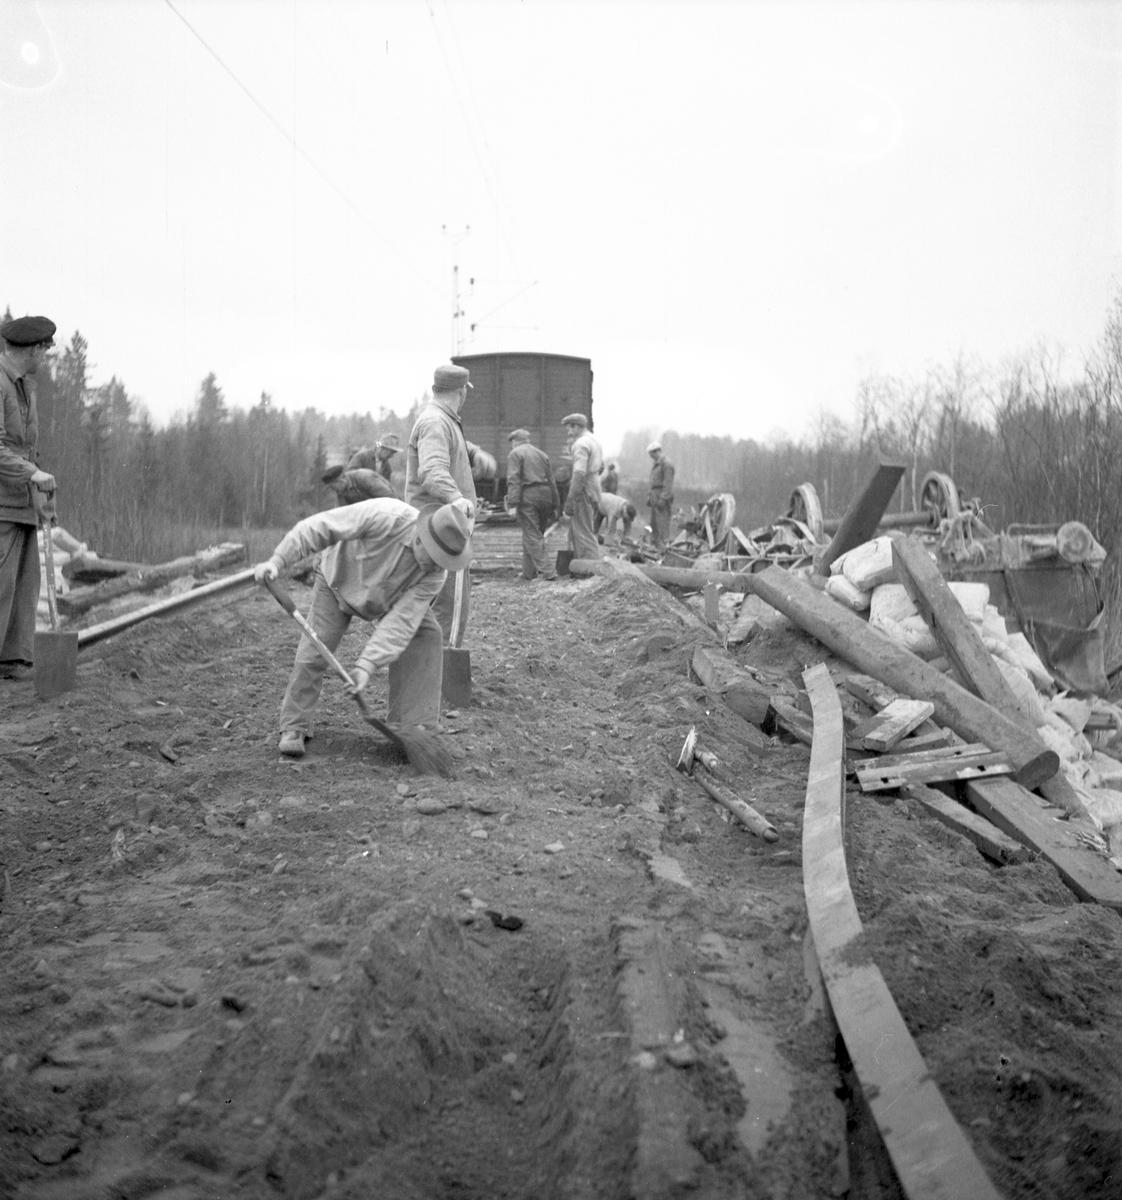 Tågolycka på linjen Gävle-Skutskär. Den 26 november 1949